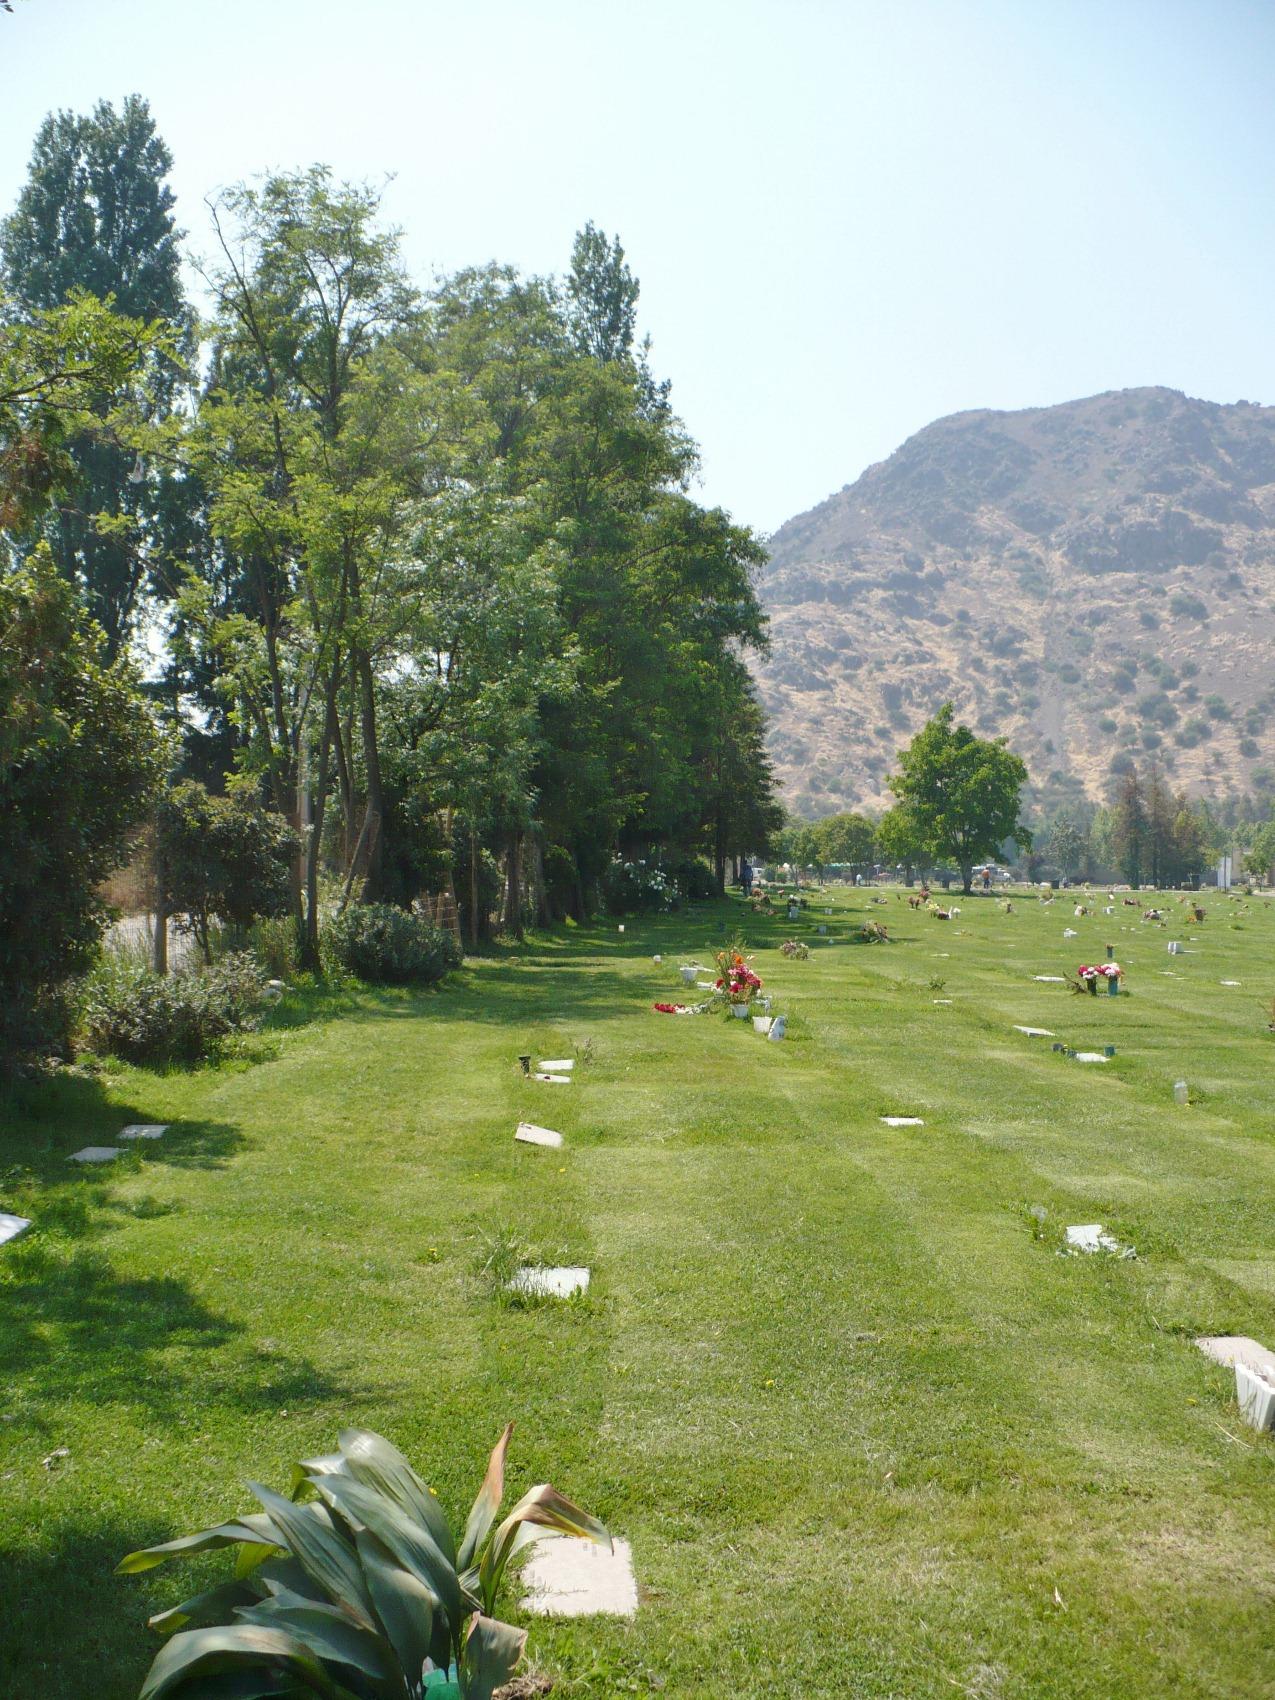 Cementerio jard n sacramental san bernardo for Cementerio jardin